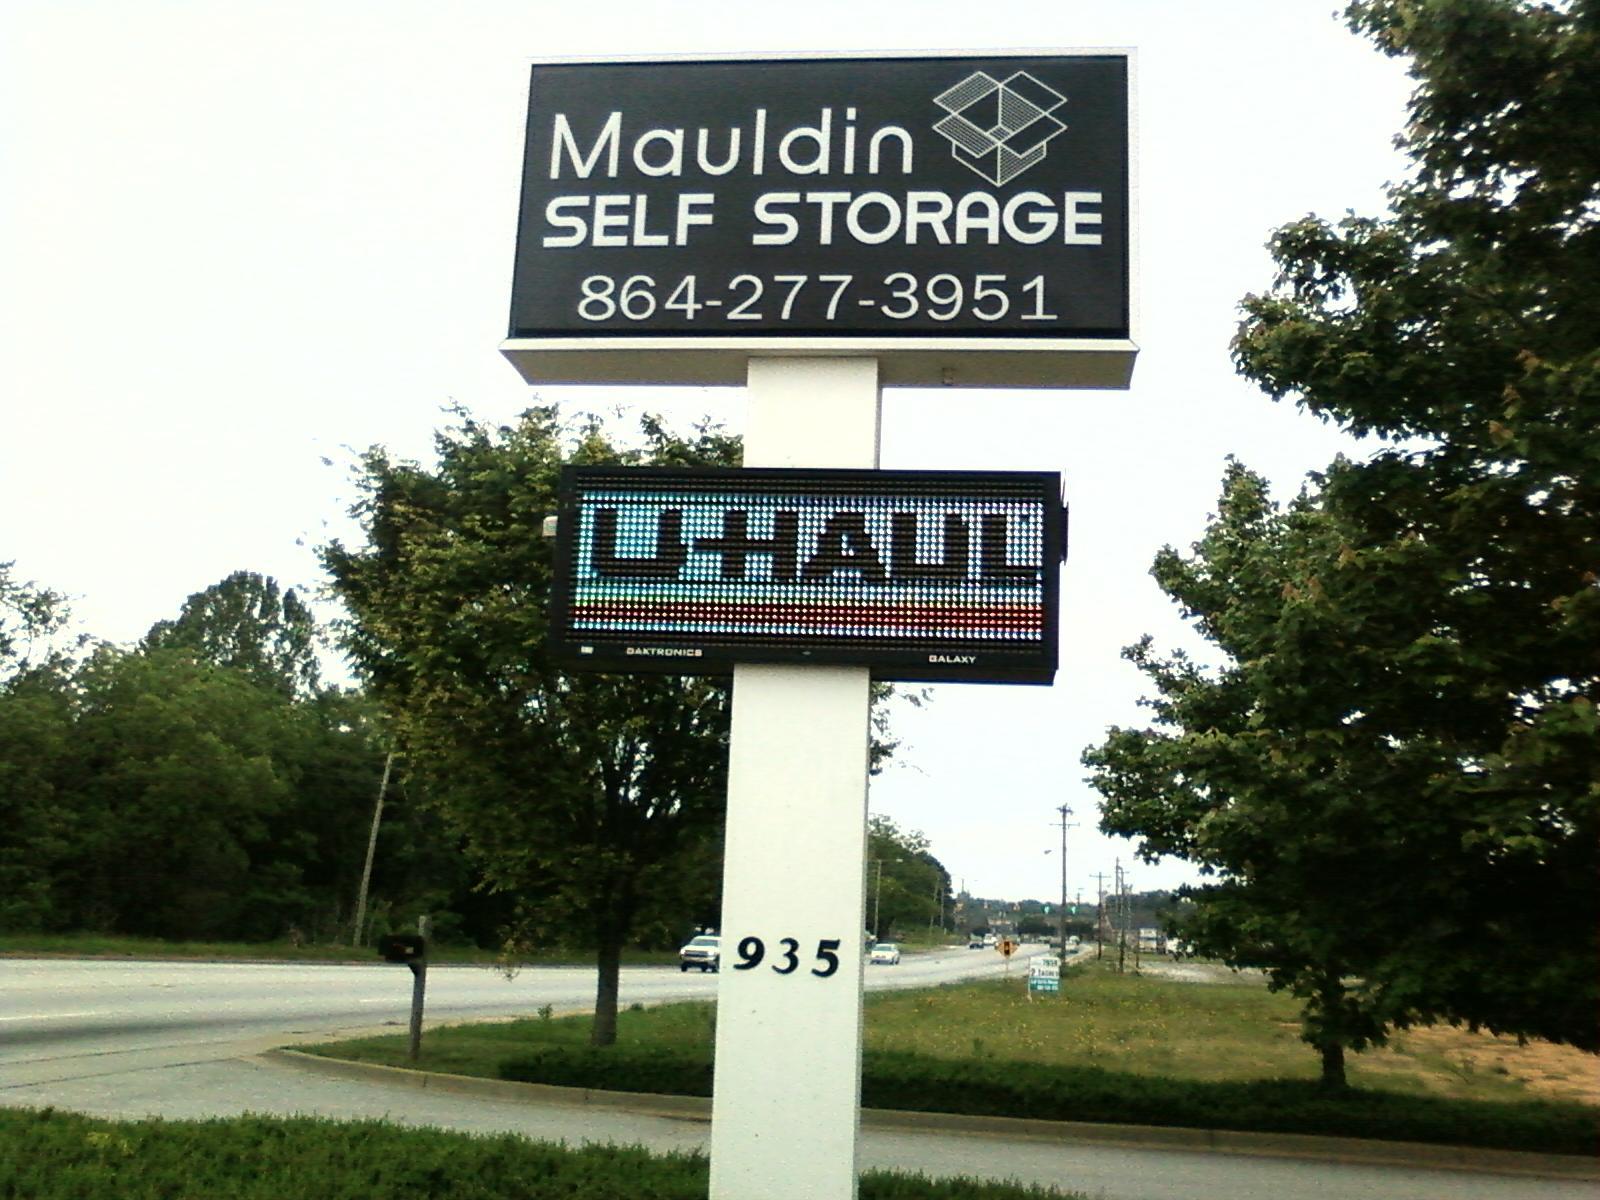 mauldin self storage in greenville sc whitepages. Black Bedroom Furniture Sets. Home Design Ideas